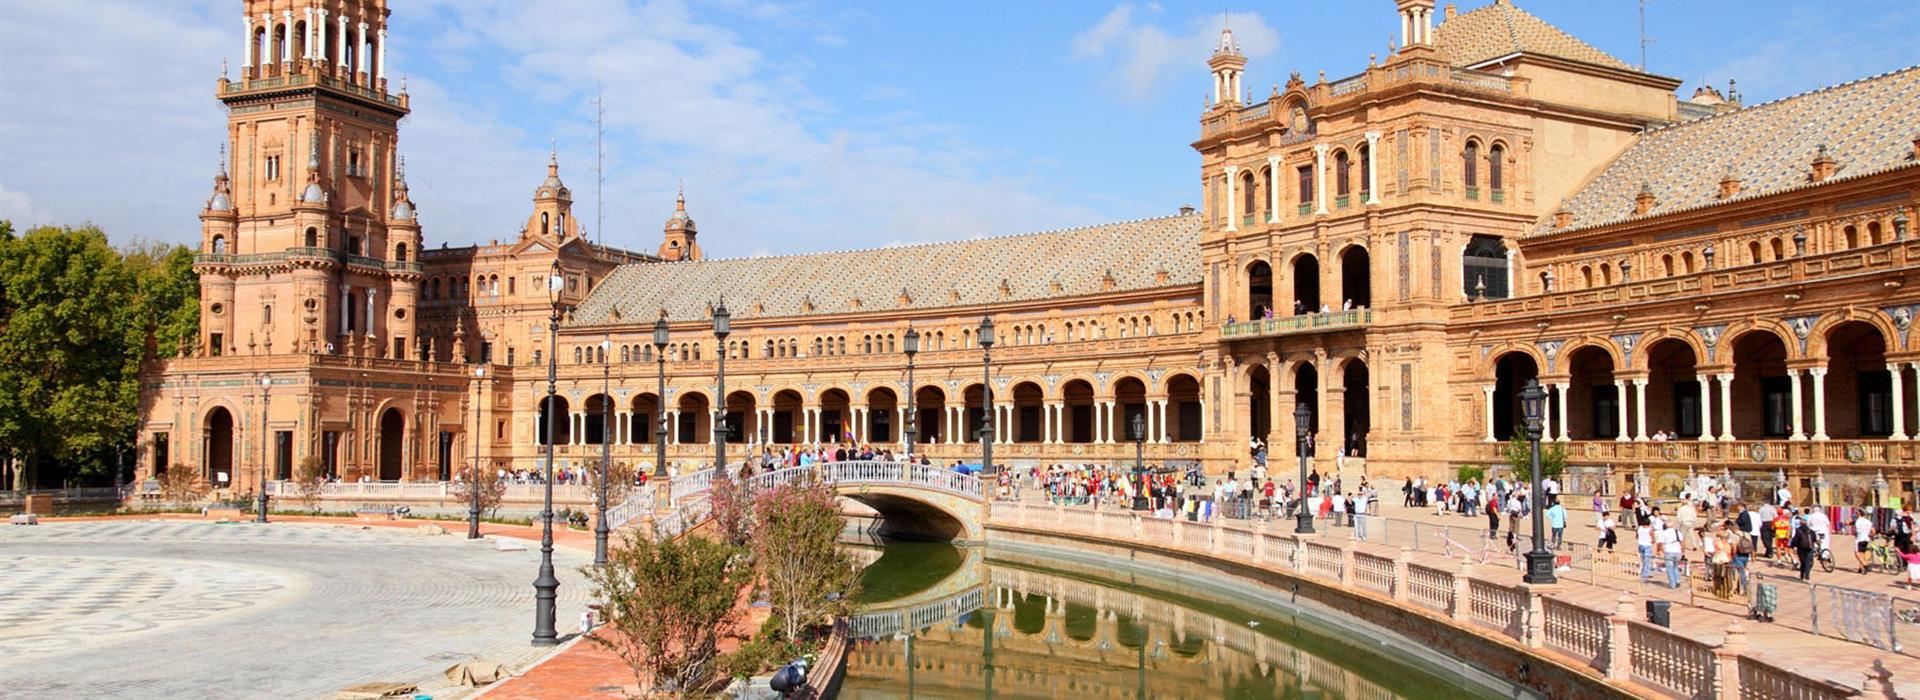 Spain-Sevilla_65671768